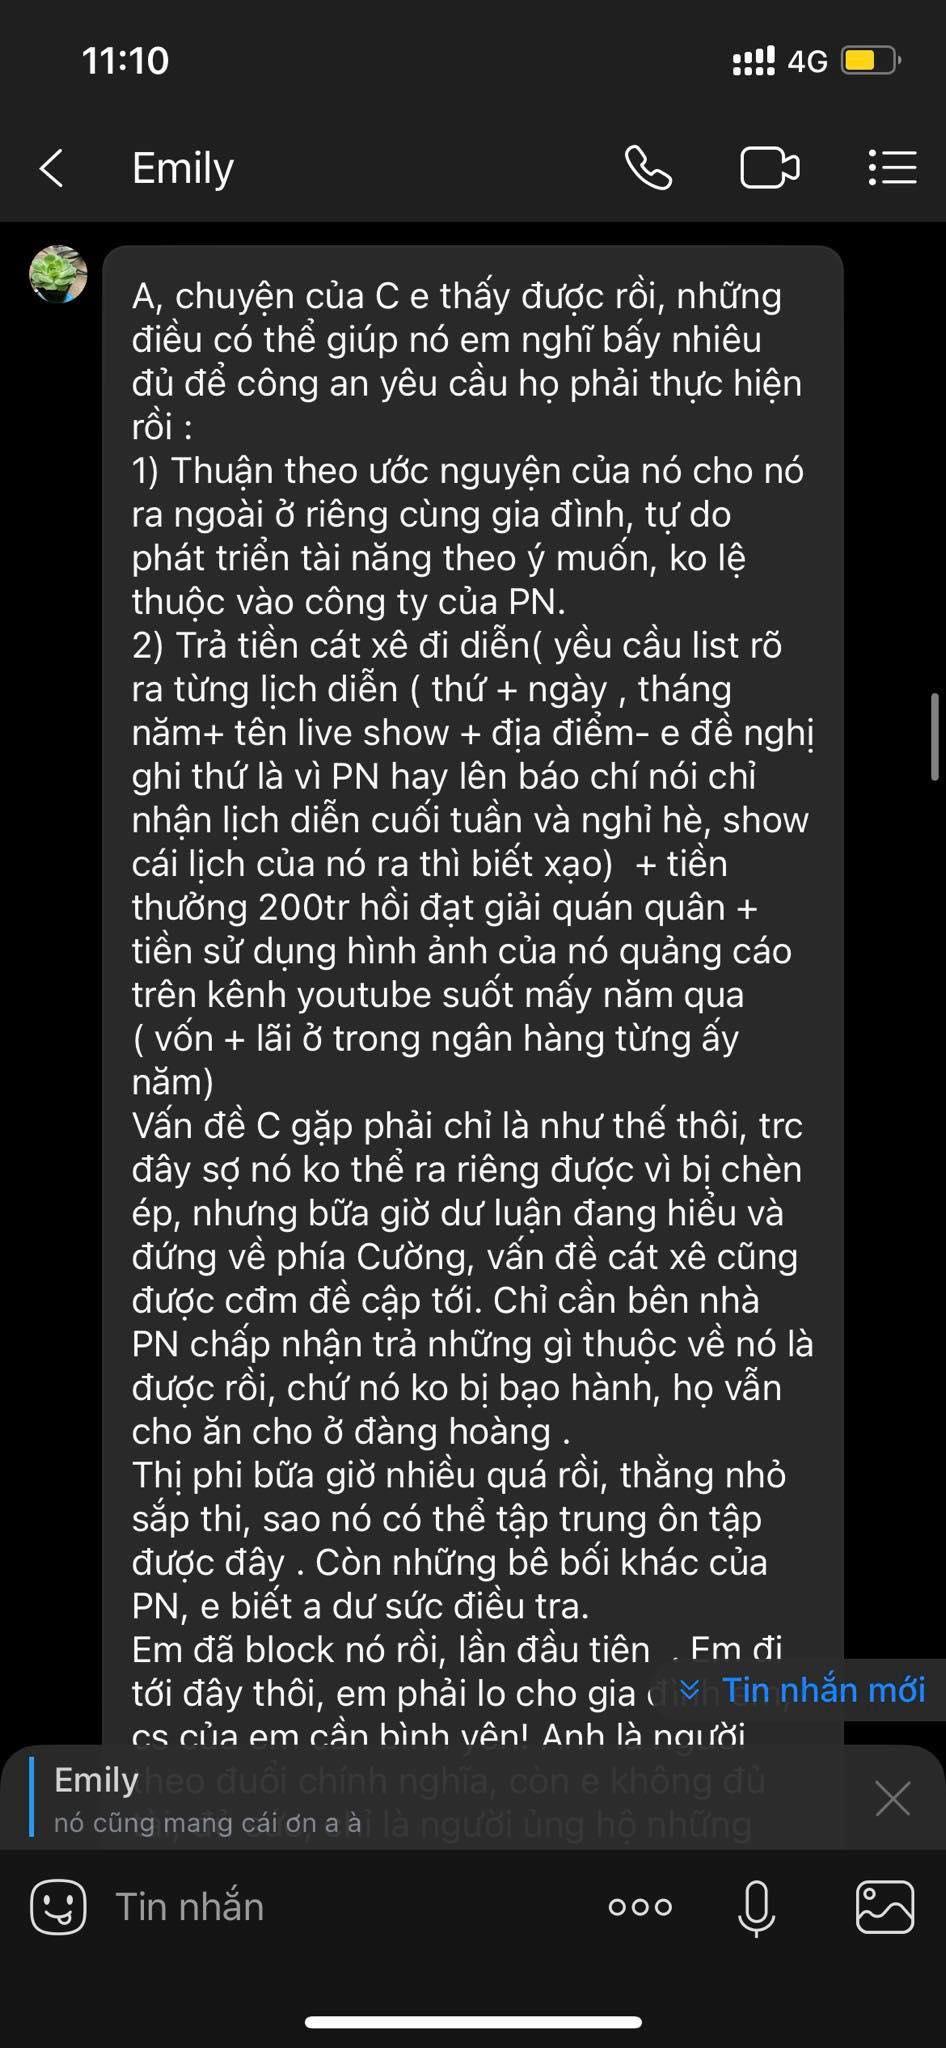 Một người chị thân thiết với Hồ Văn Cường đưa ra 2 hướng xử lý cho phía ca sĩ Phi Nhung sau loạt ồn ào - Ảnh 1.